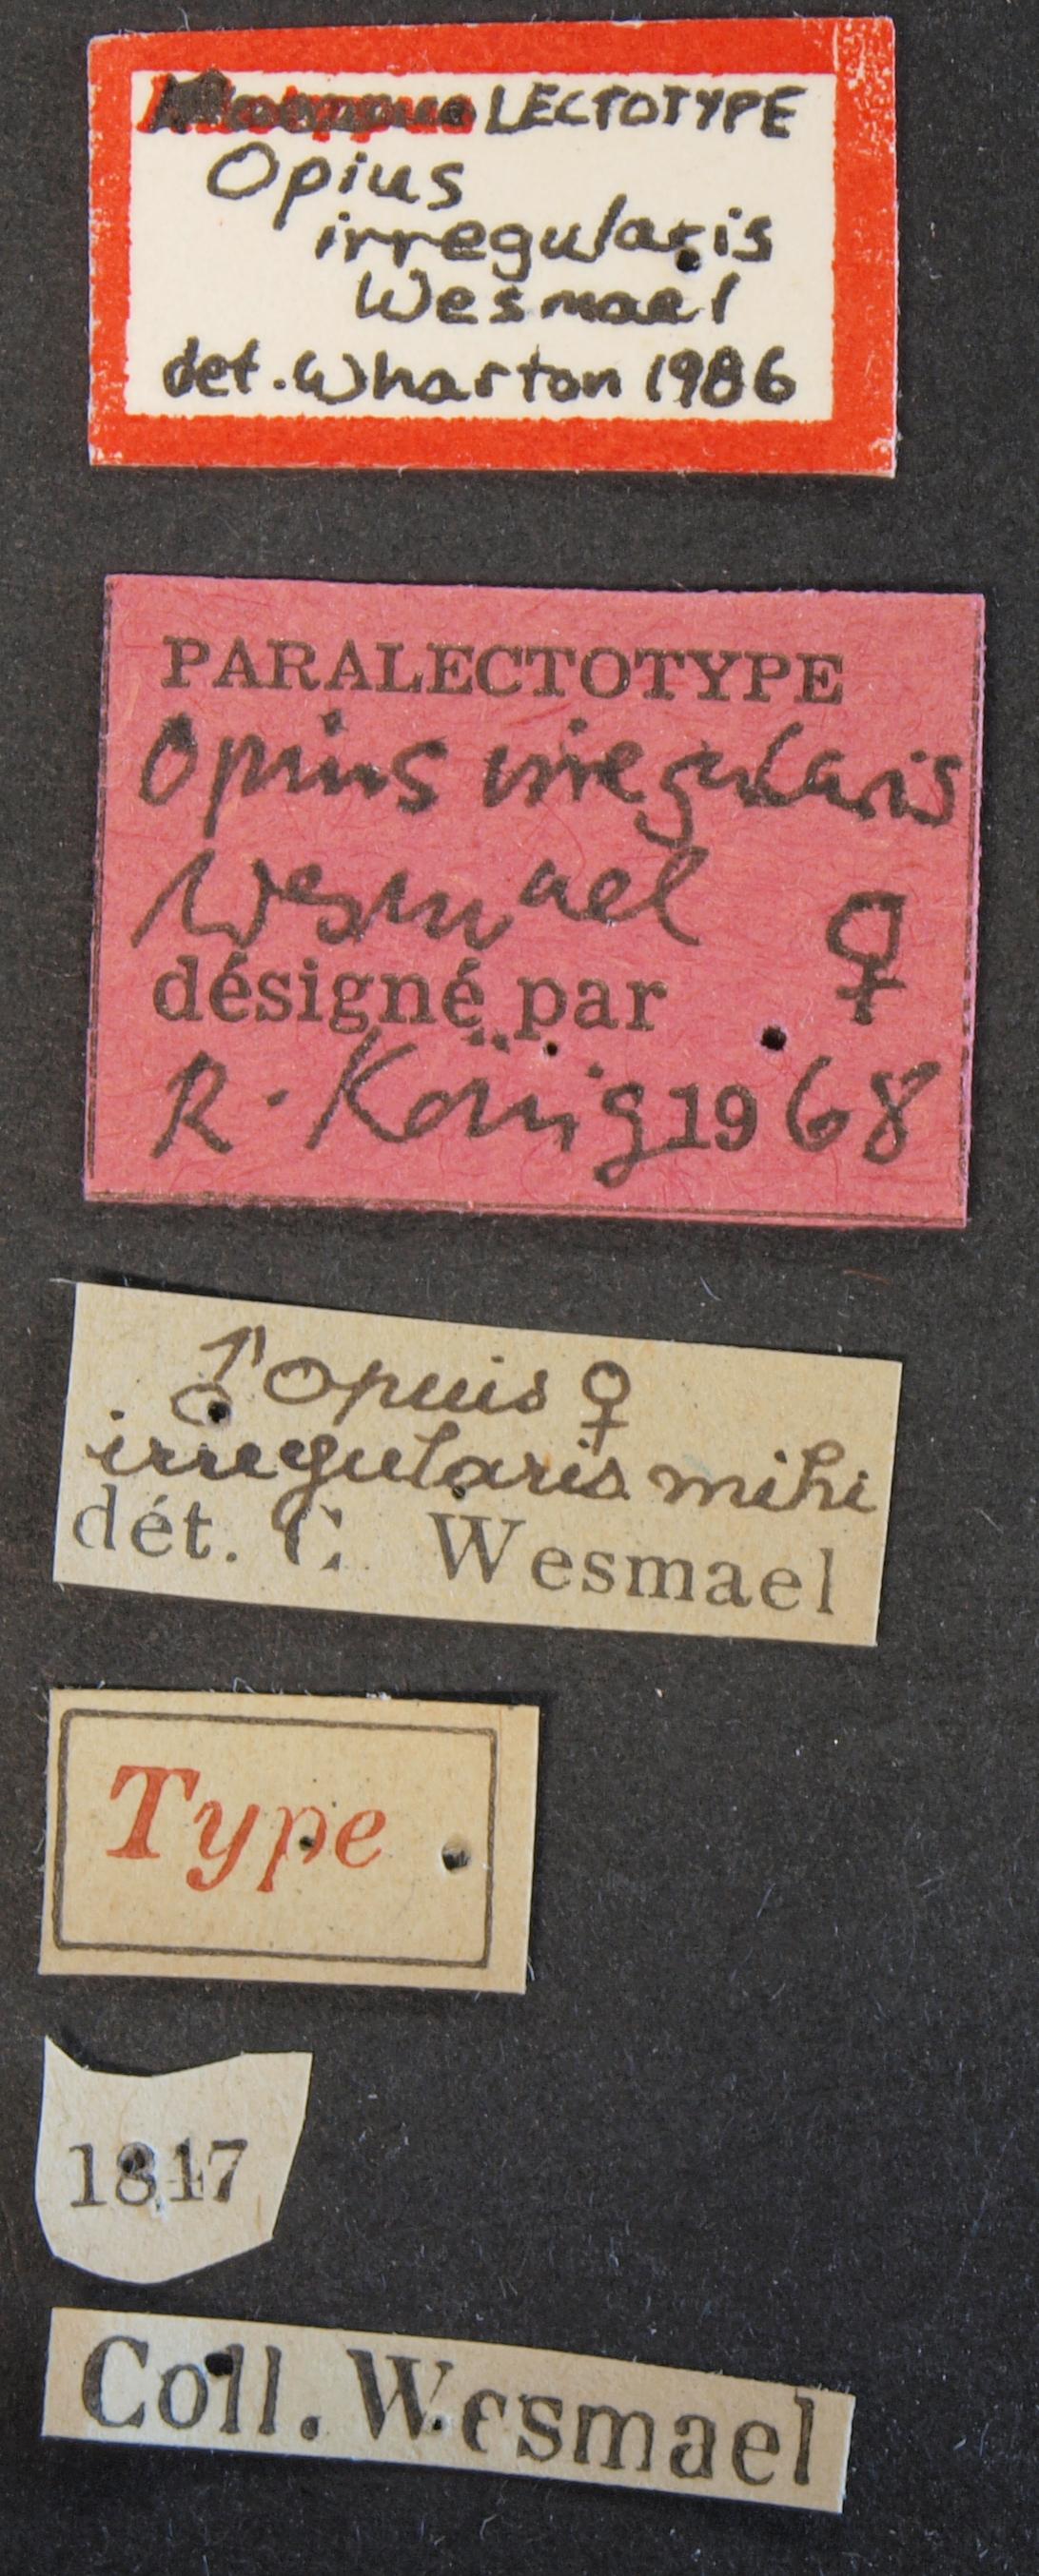 Opius (Allotypus) irregularis plt Lb.JPG